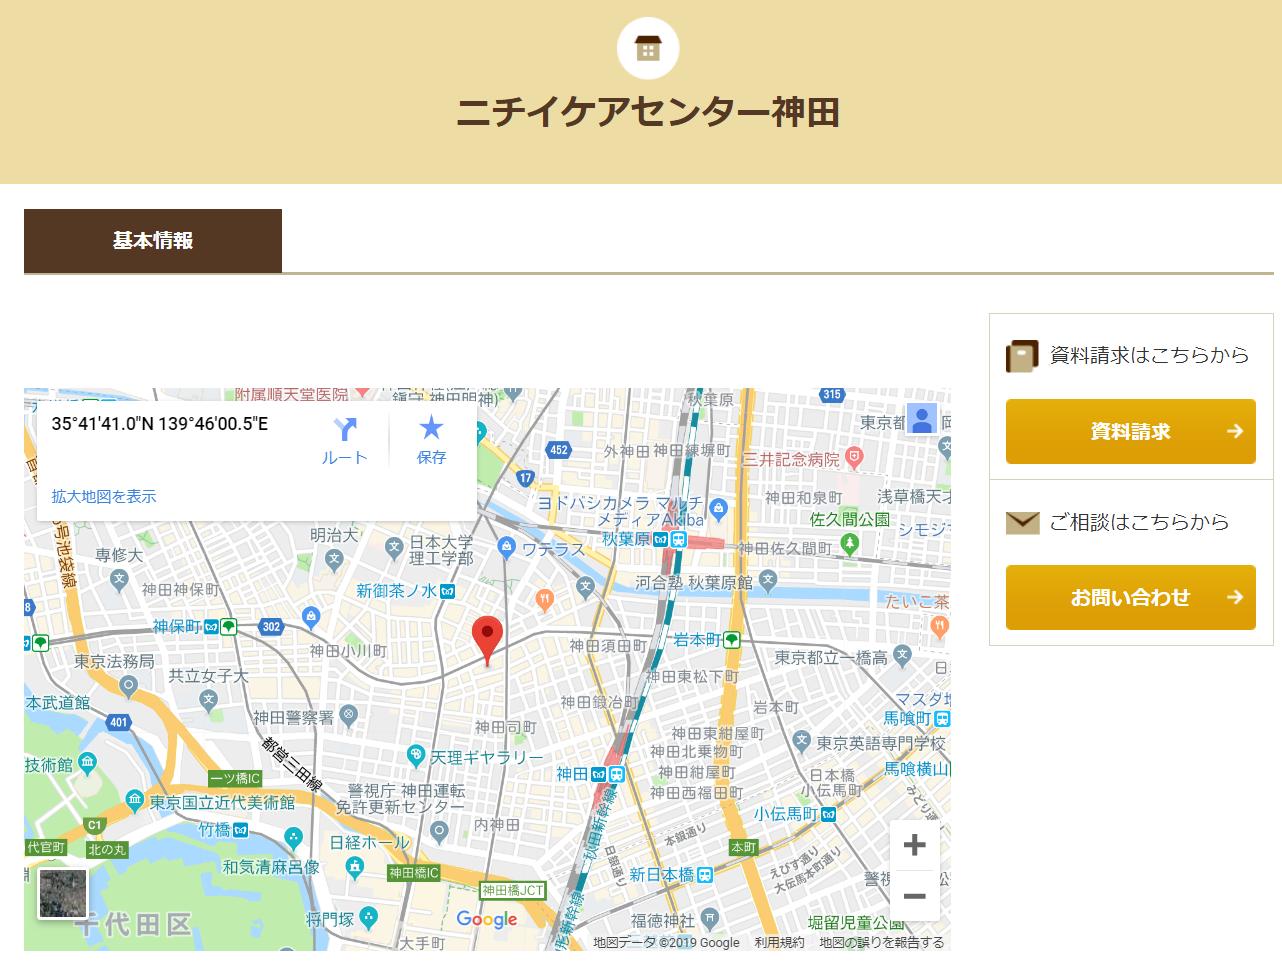 ニチイケアセンター神田